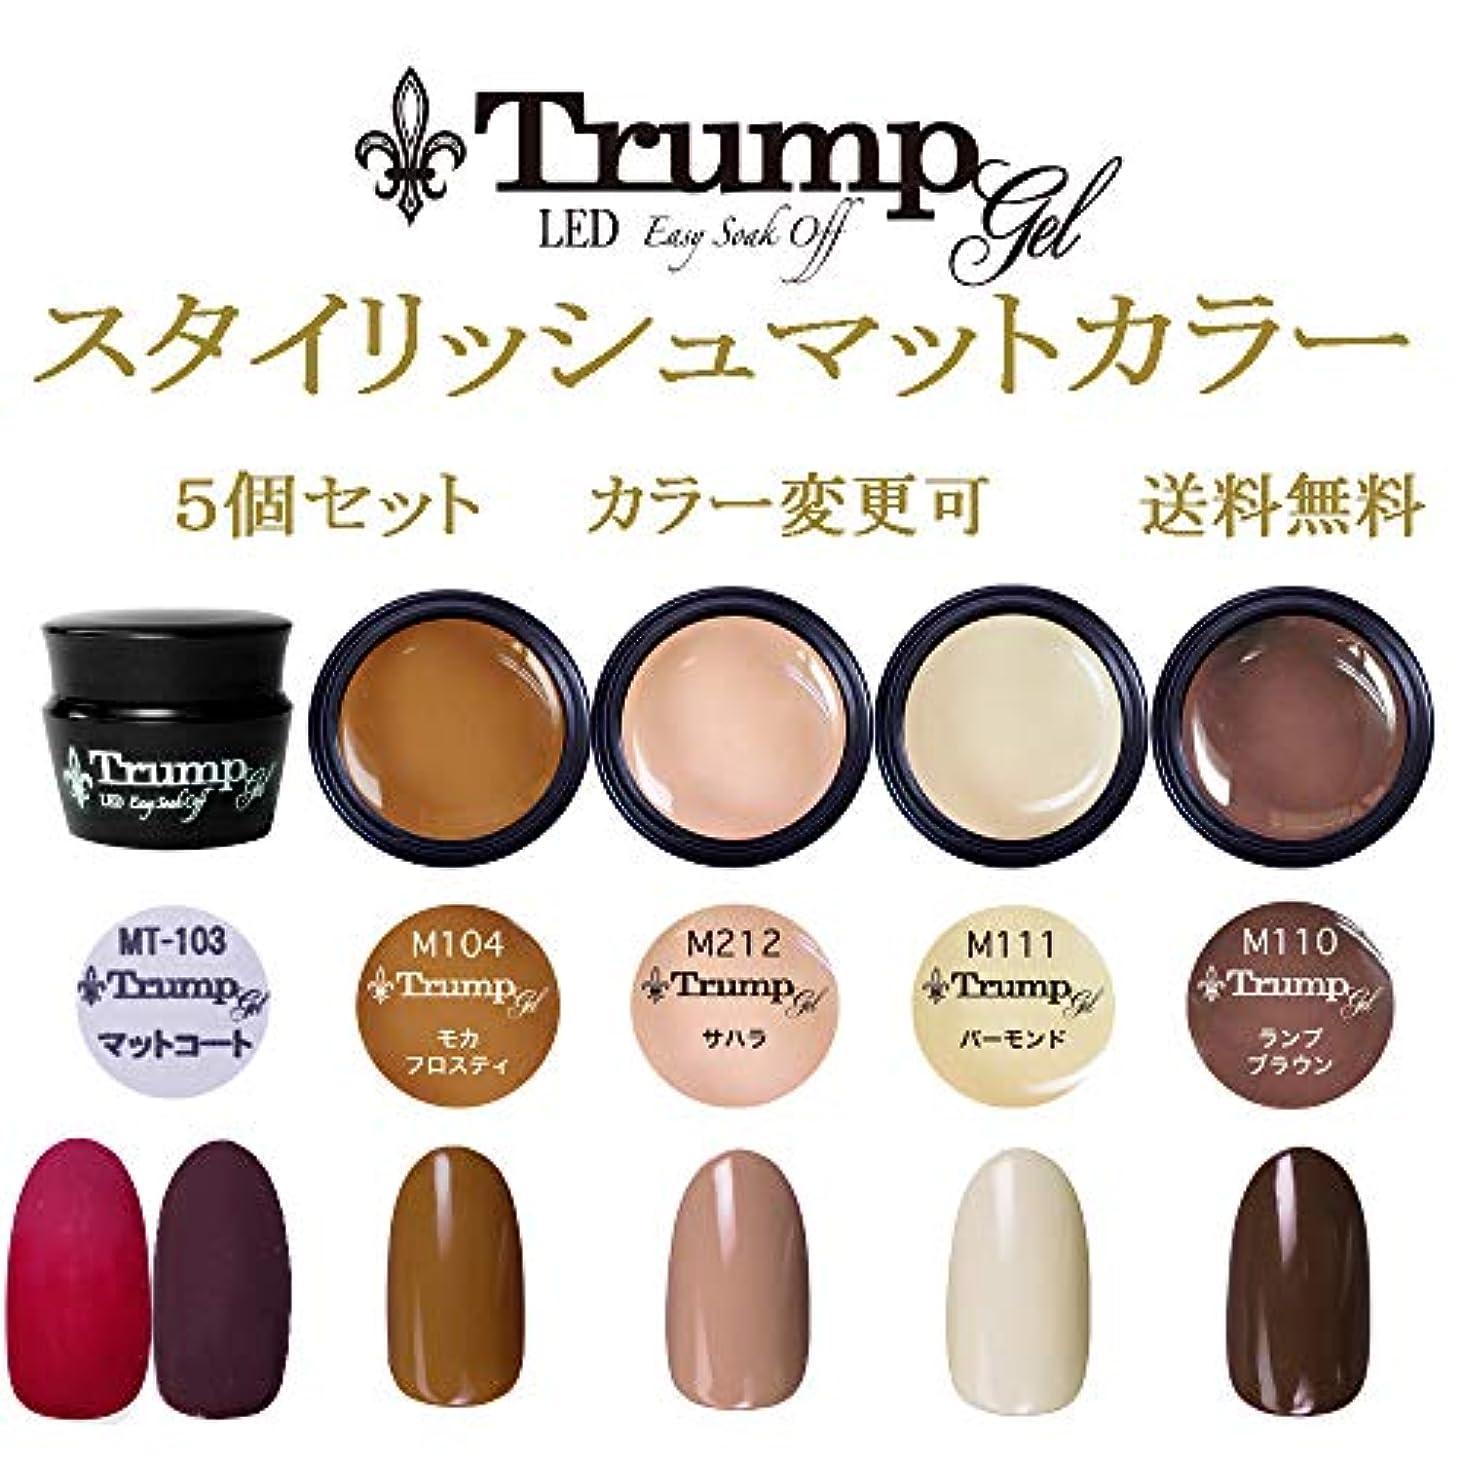 する必要があるスケート空洞【送料無料】日本製 Trump gel トランプジェル スタイリッシュマットカラージェル5個セット 5個セット マットカラー ベージュ ブラウン マスタード カラー